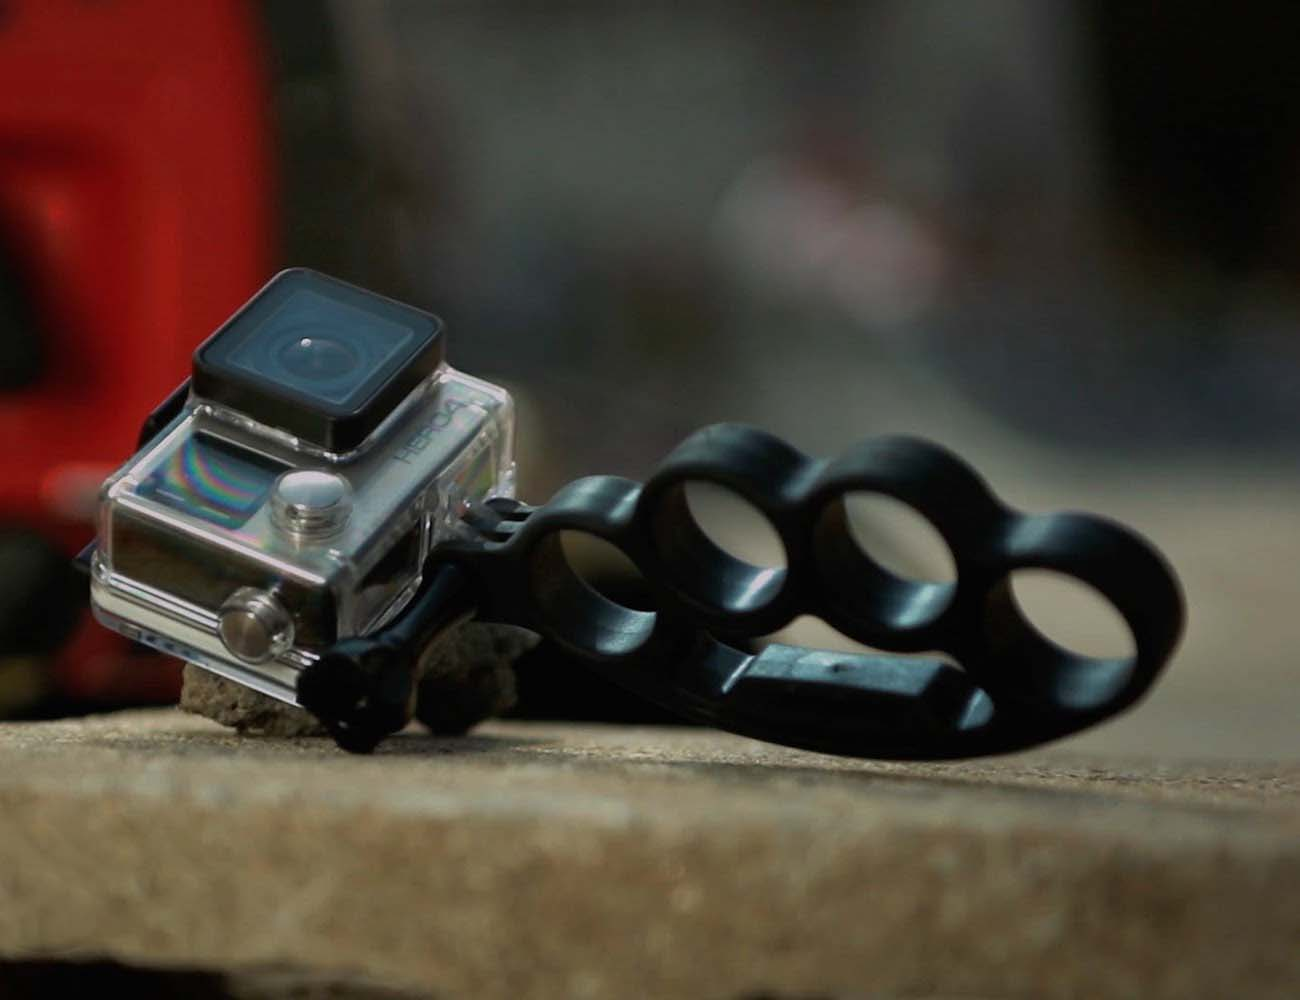 GoKnuckles – Handheld Mount for Your GoPro HERO Camera